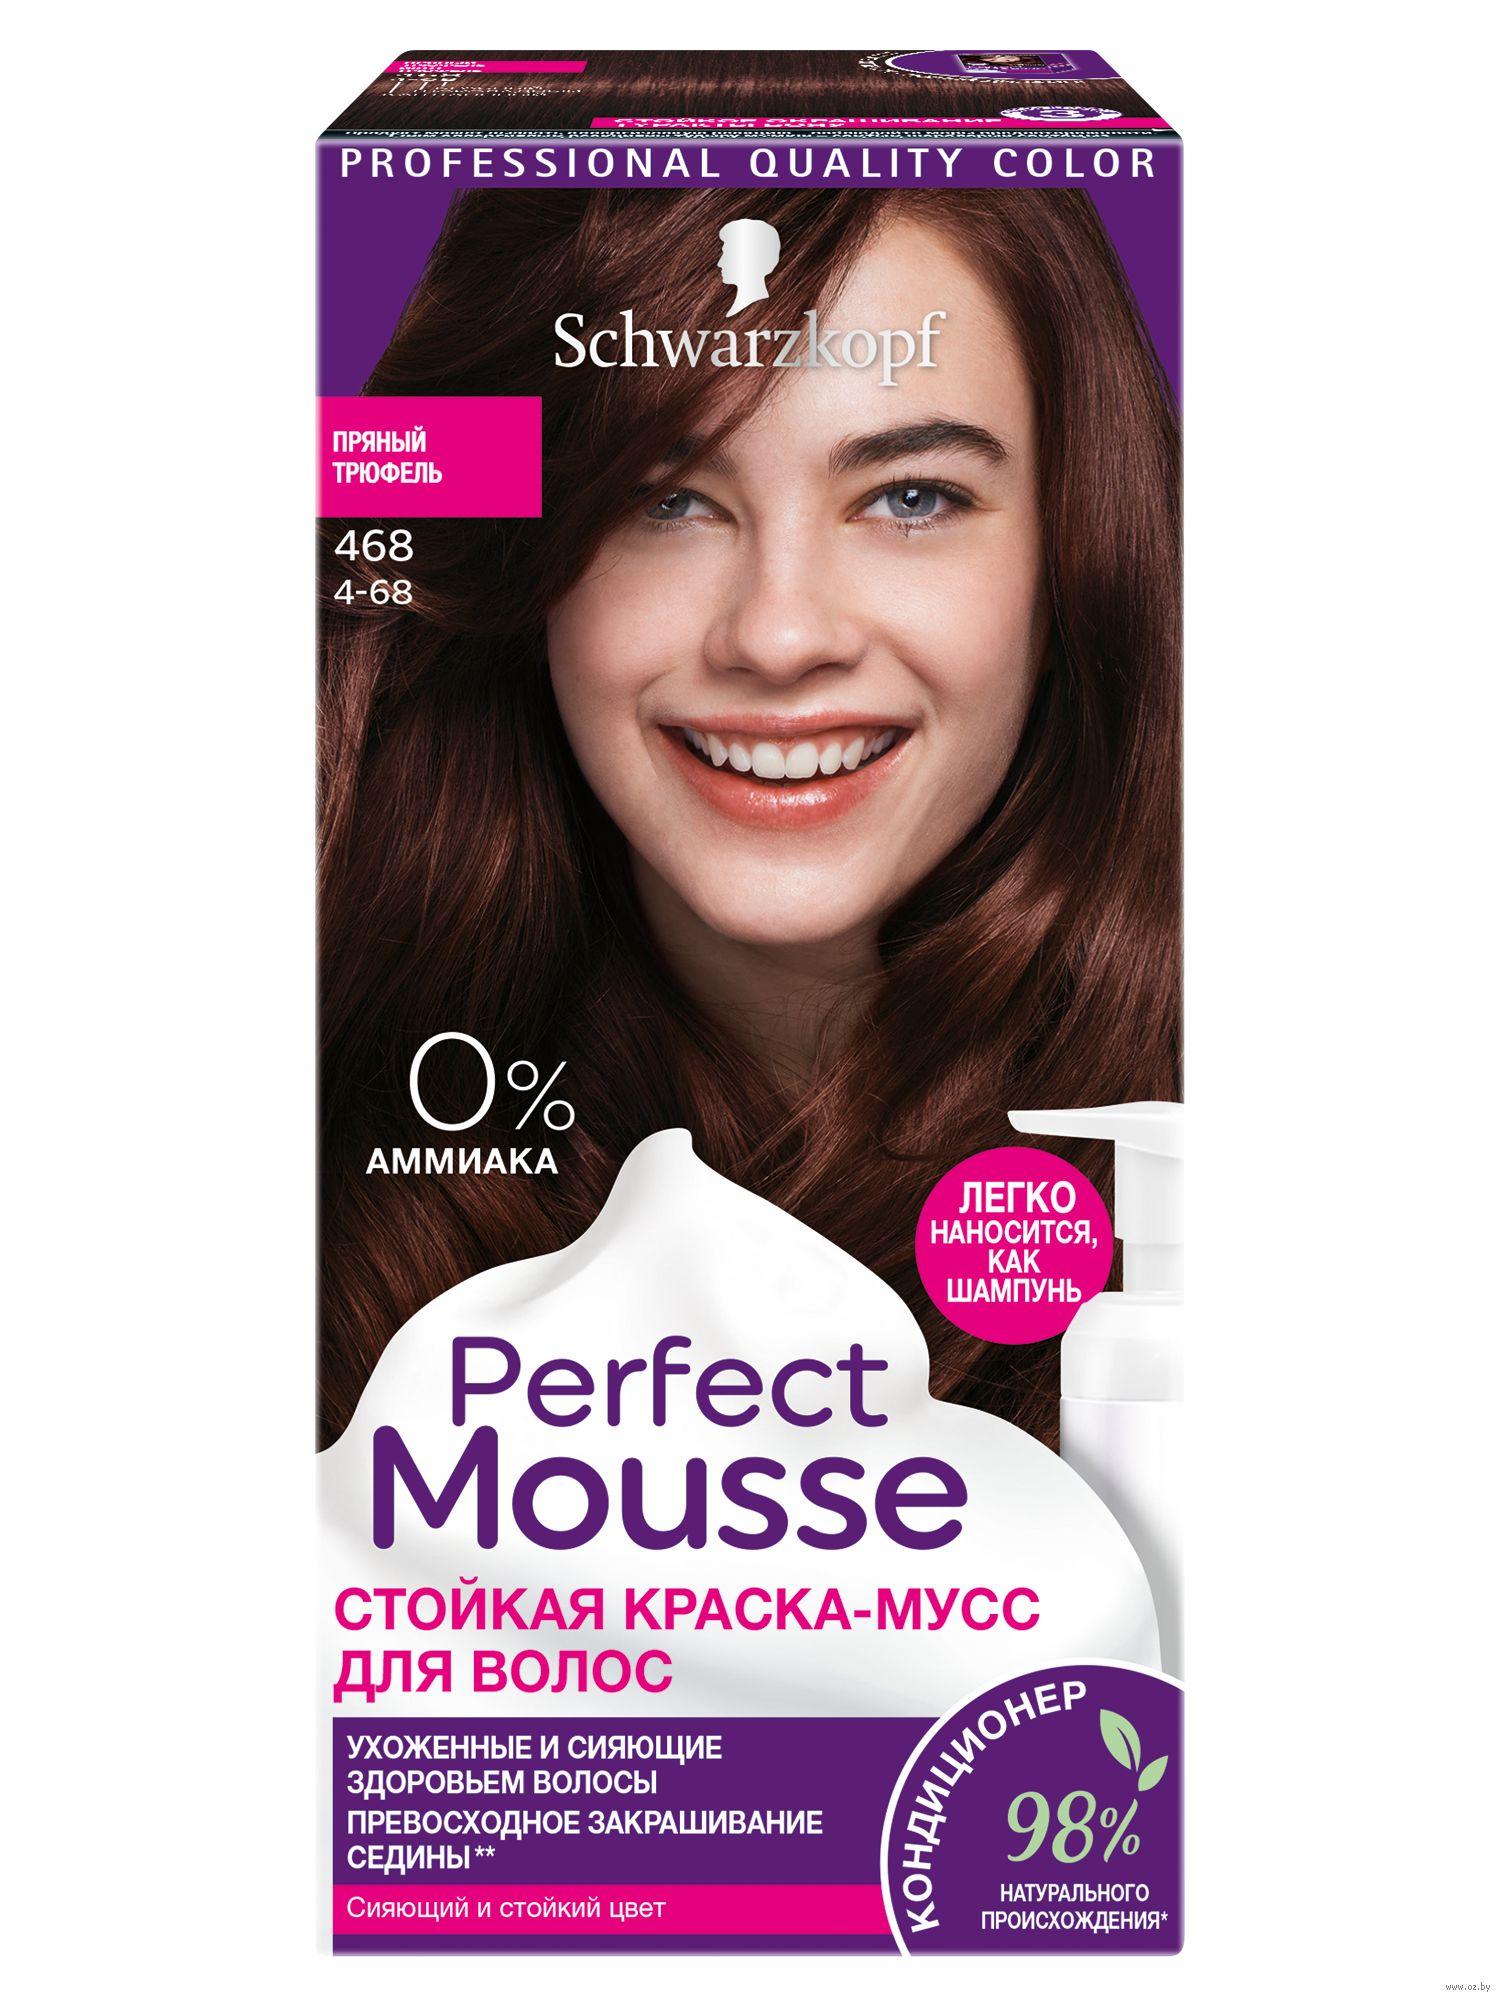 """Краска-мусс для волос """"Perfect Mousse"""" тон: 468, морозный шоколад купить в Минске. Отзывы, цены в интернет-магазине с доставкой — OZ.by"""